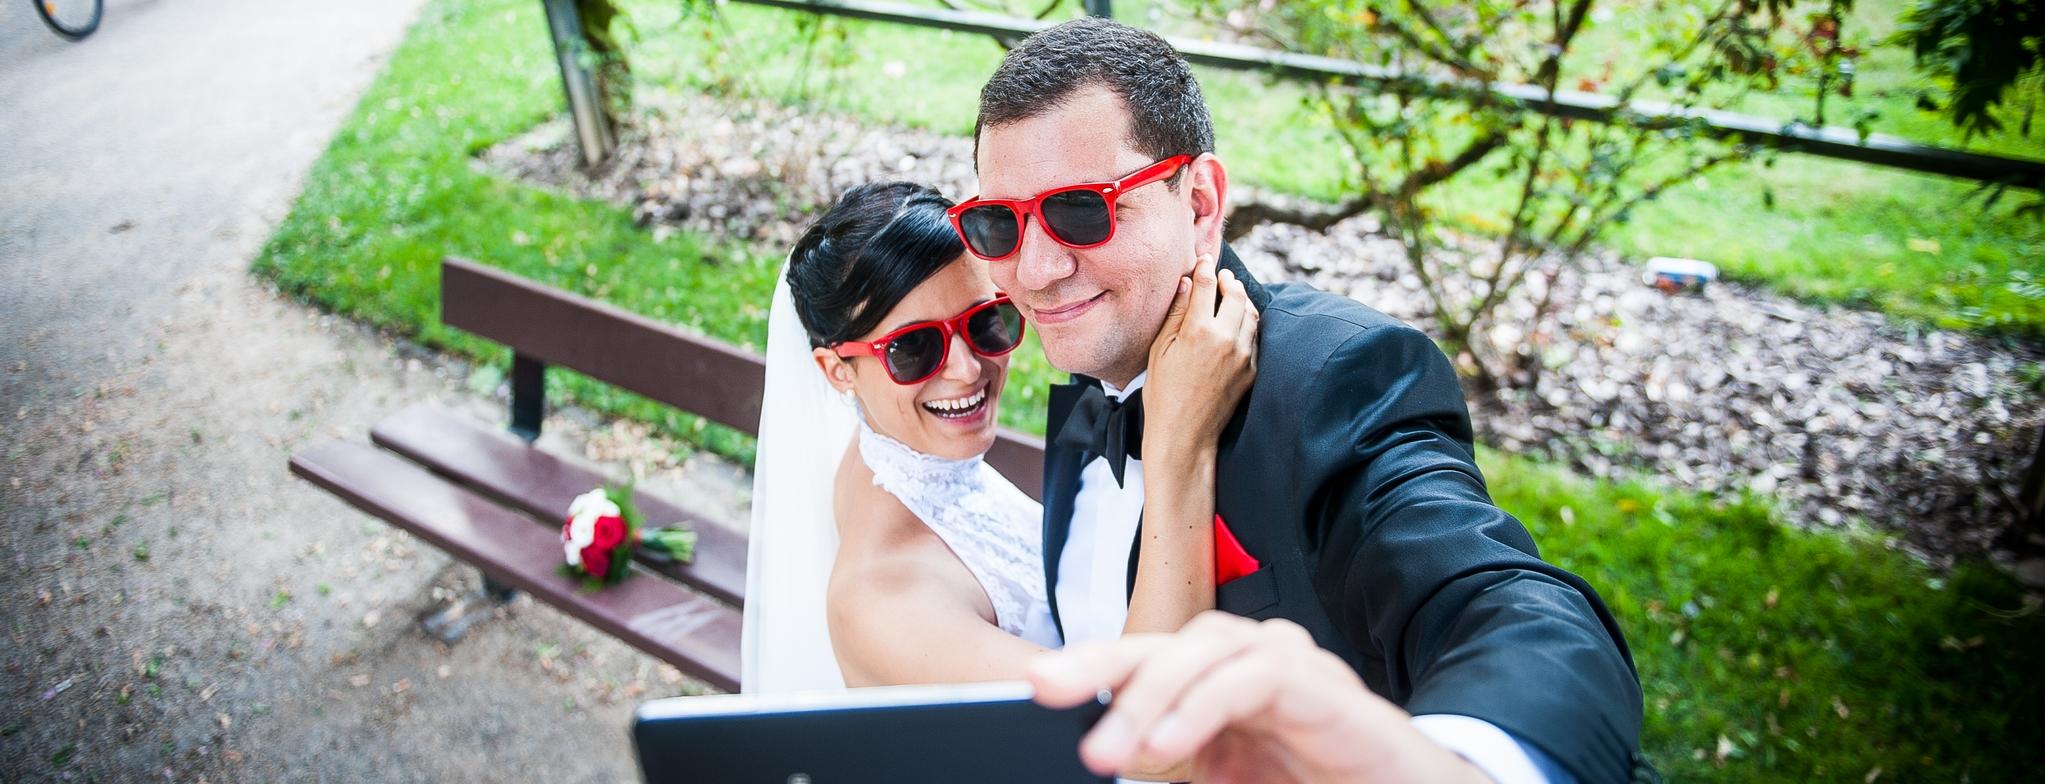 Reportage de mariage à Angers : Alice & Jorge